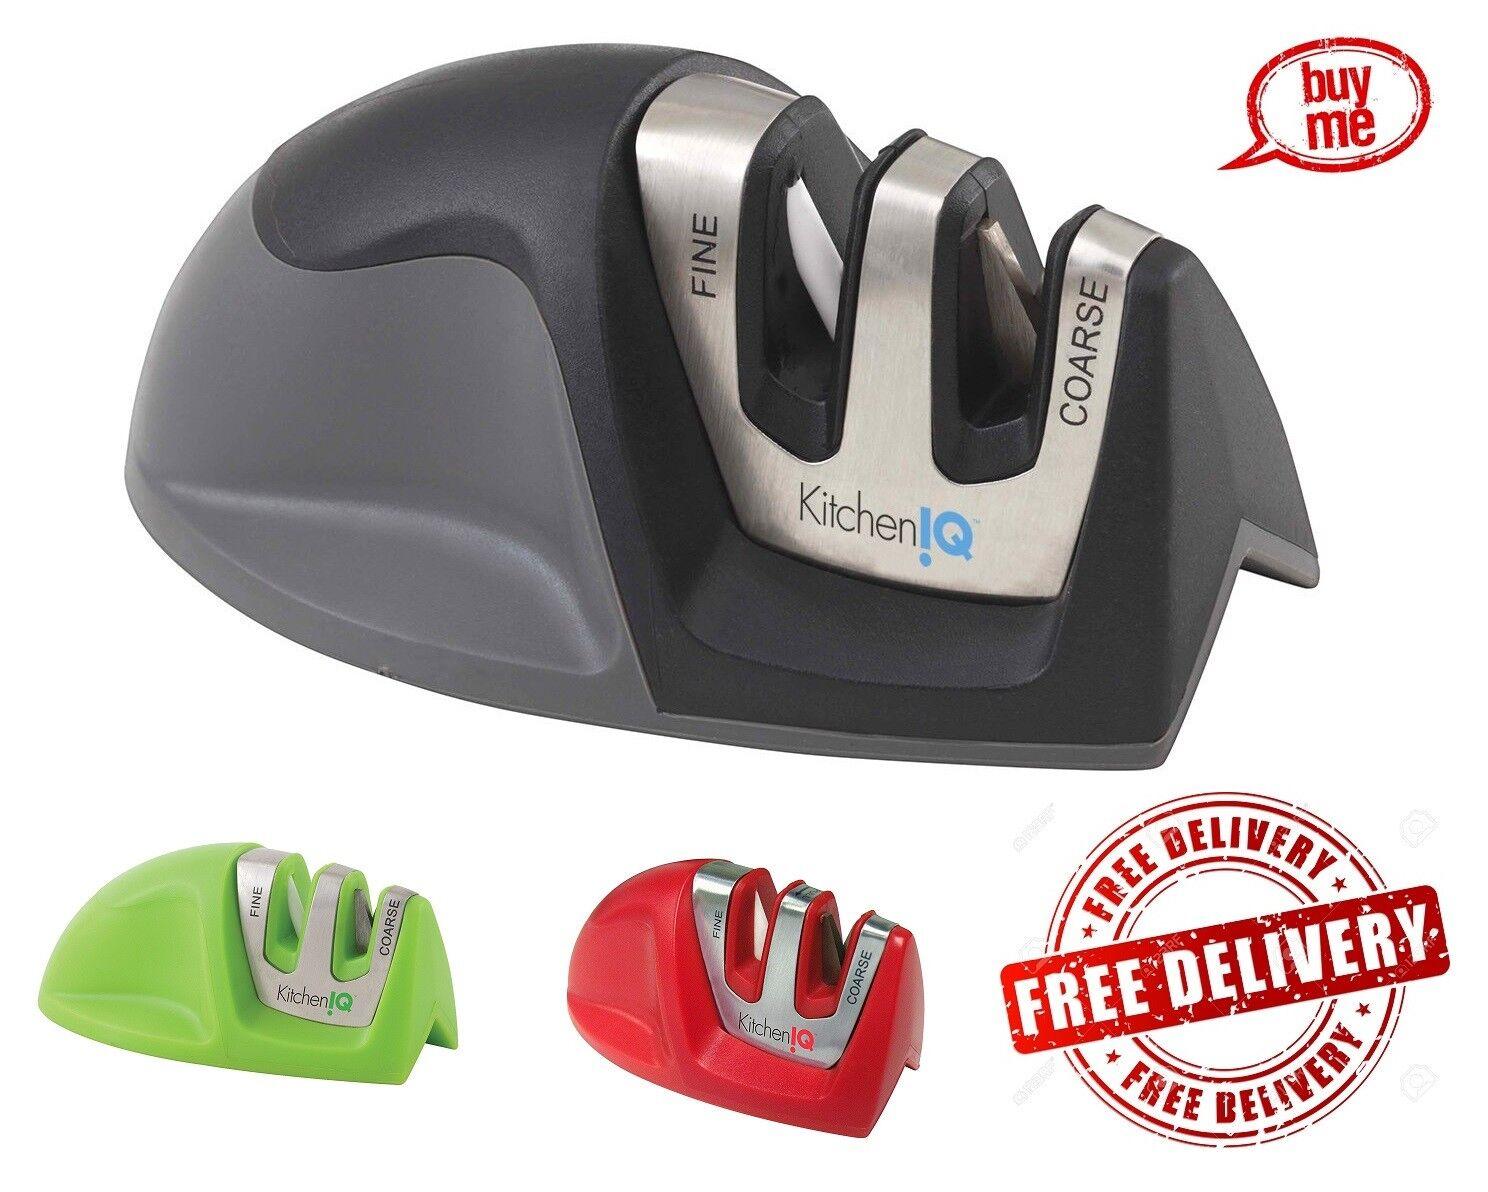 KitchenIQ 50009 Edge Grip 2 Stage Knife Sharpener Portable H